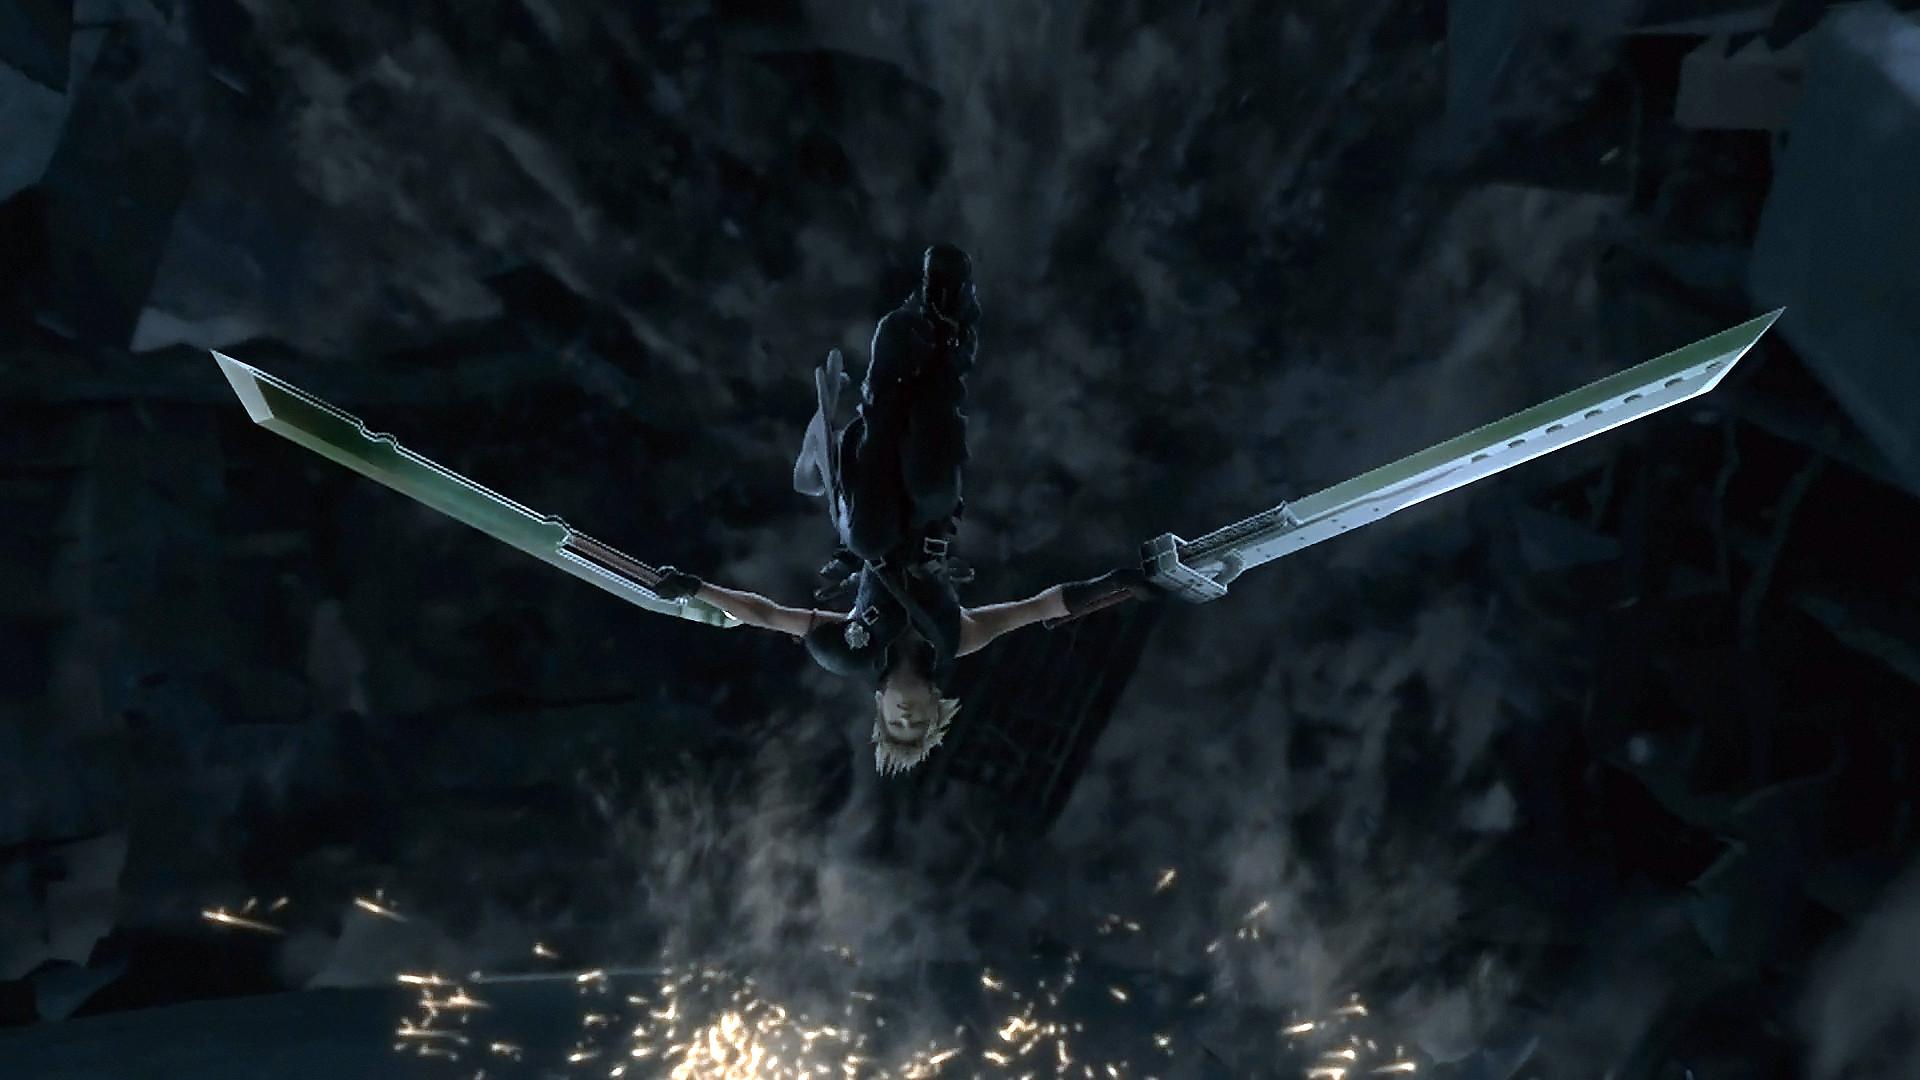 Final Fantasy VII · download Final Fantasy VII image · 25 Fav Cloud Strife